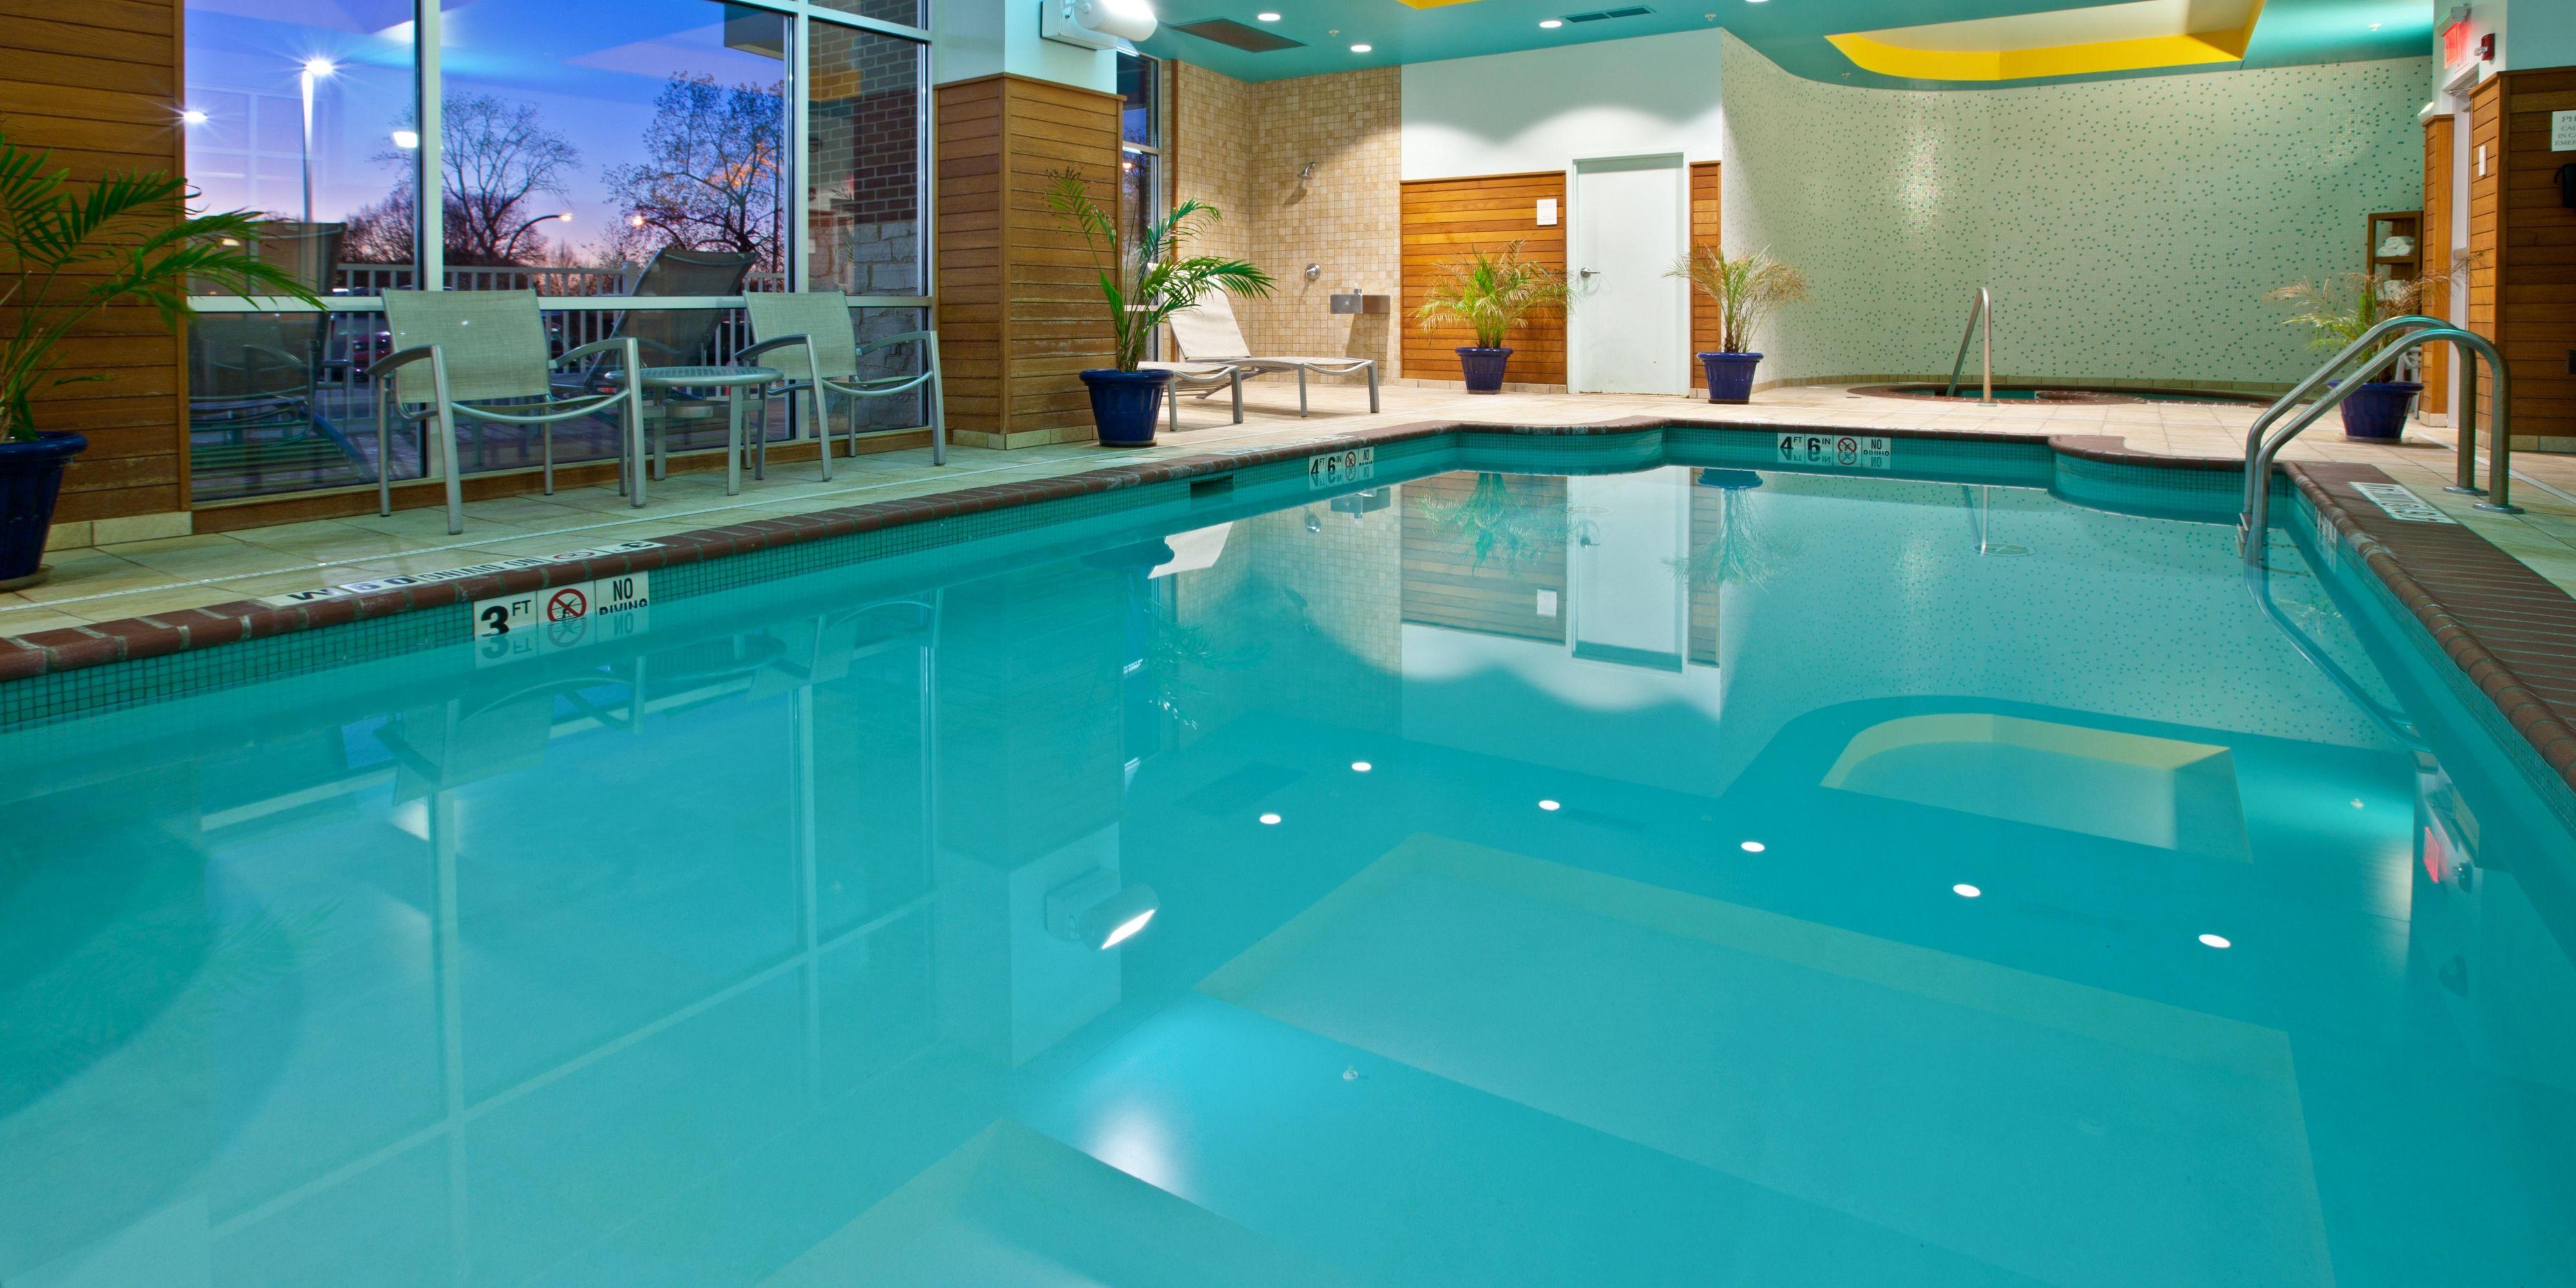 Hotel Indigo Columbus Architectural Center image 2